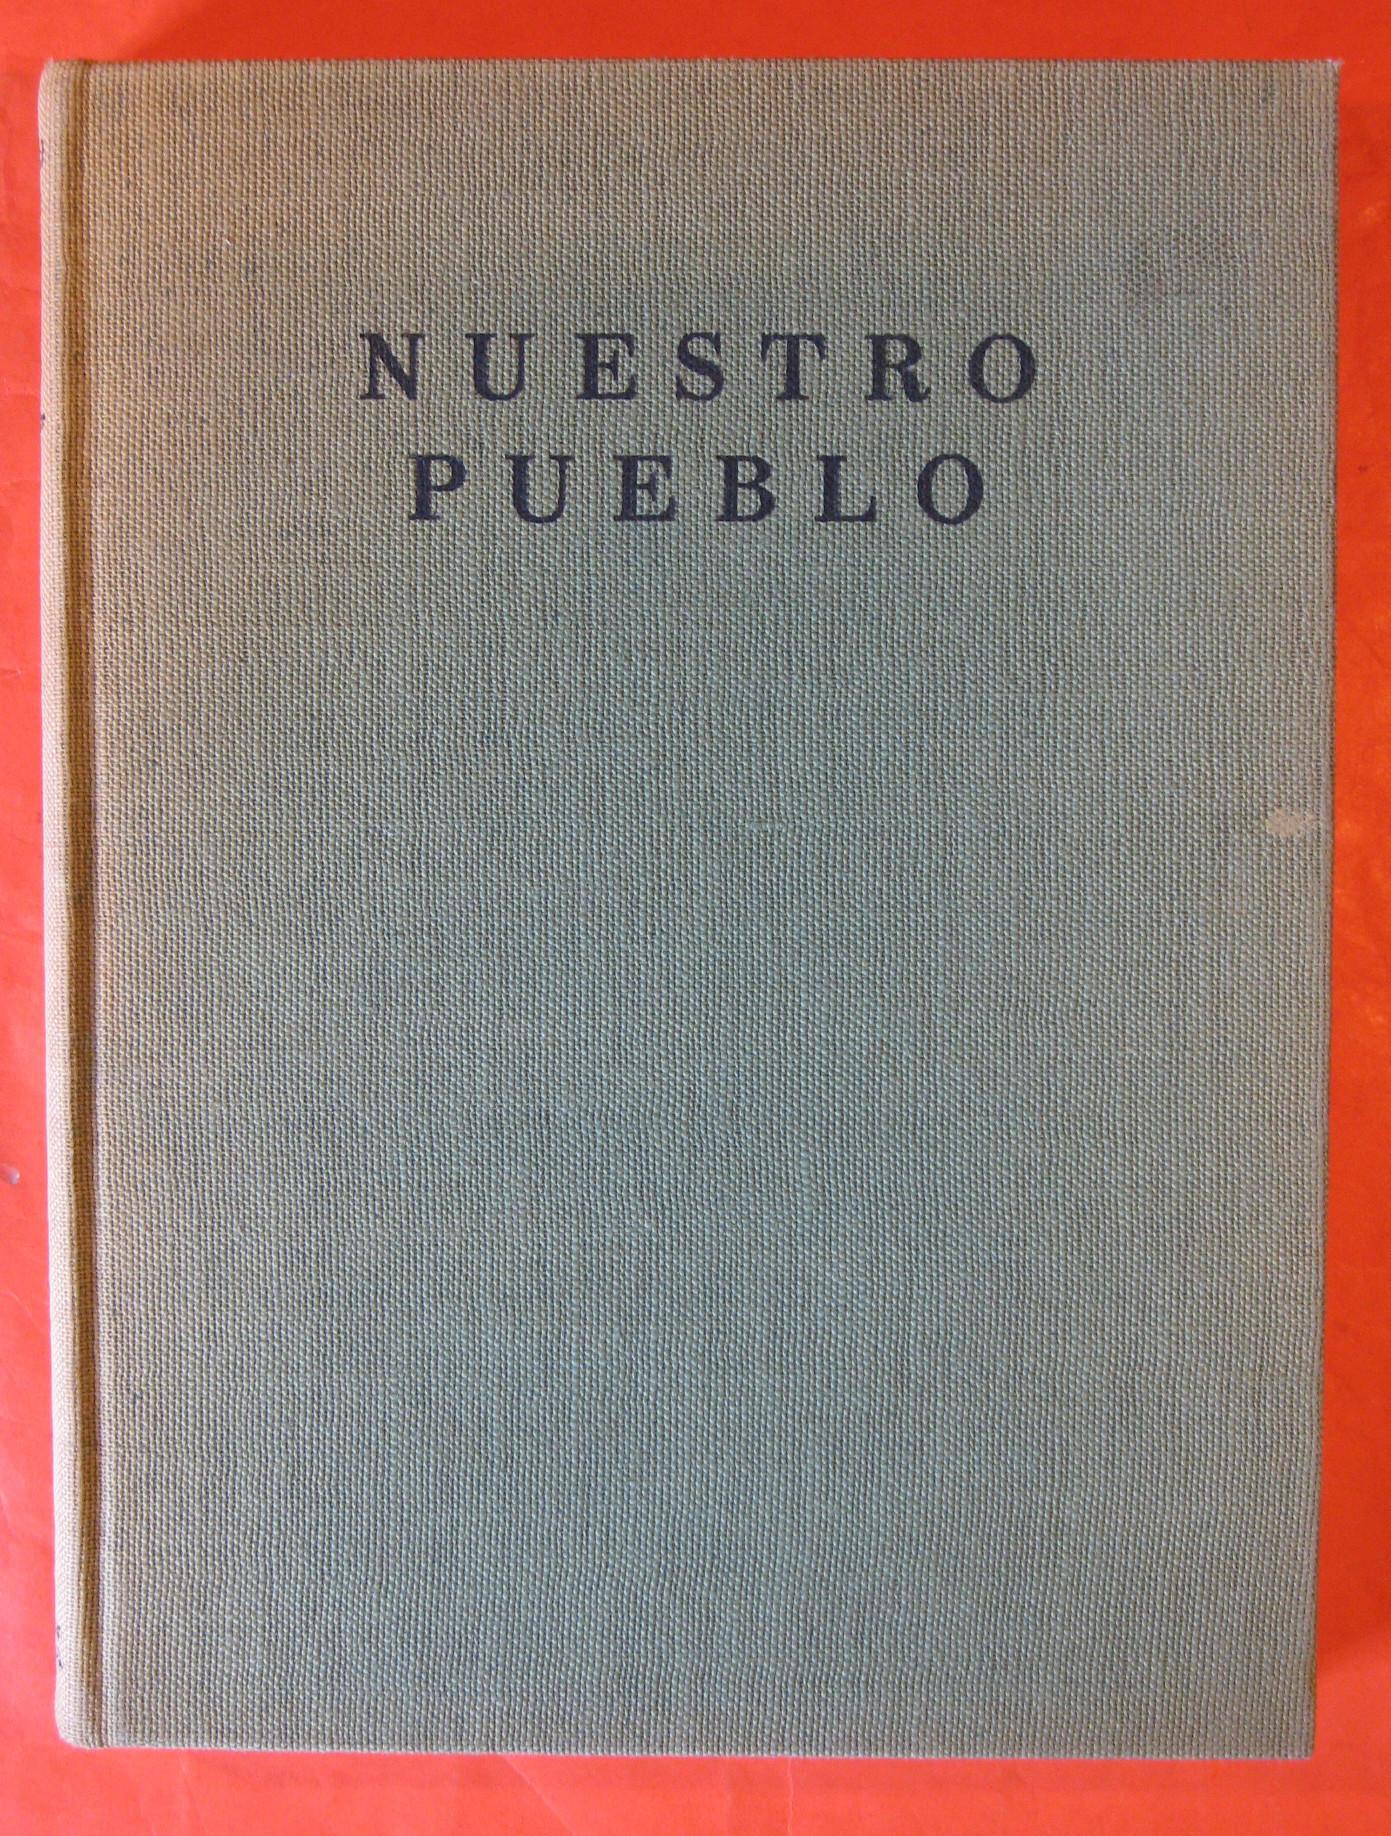 Nuestro Pueblo:  Los Angeles, City of Romance, Owens, Charles H.; Seewerker, Joseph; Shippey, Lee